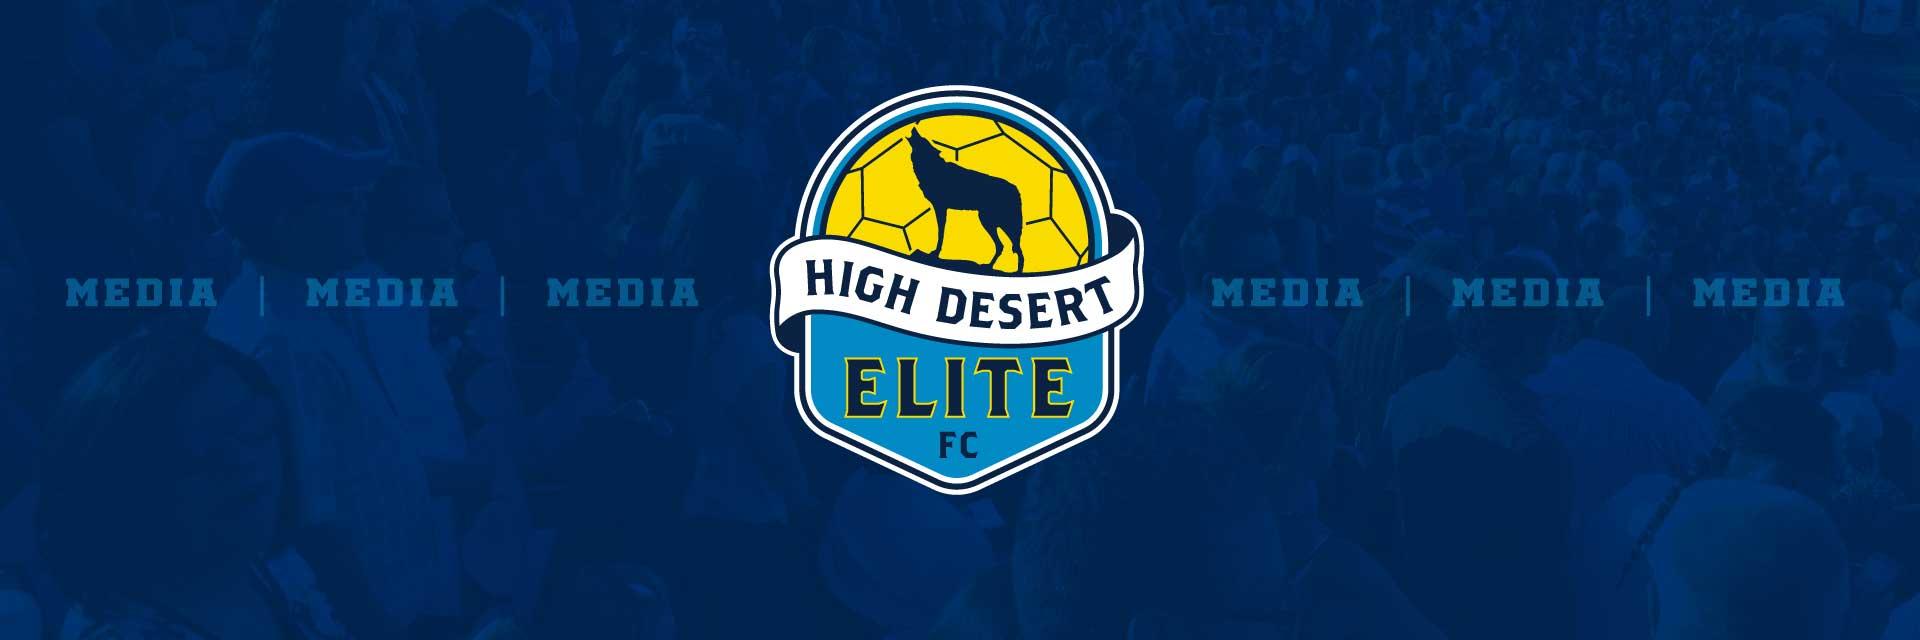 HIGH DESERT ELITE Media / Logo